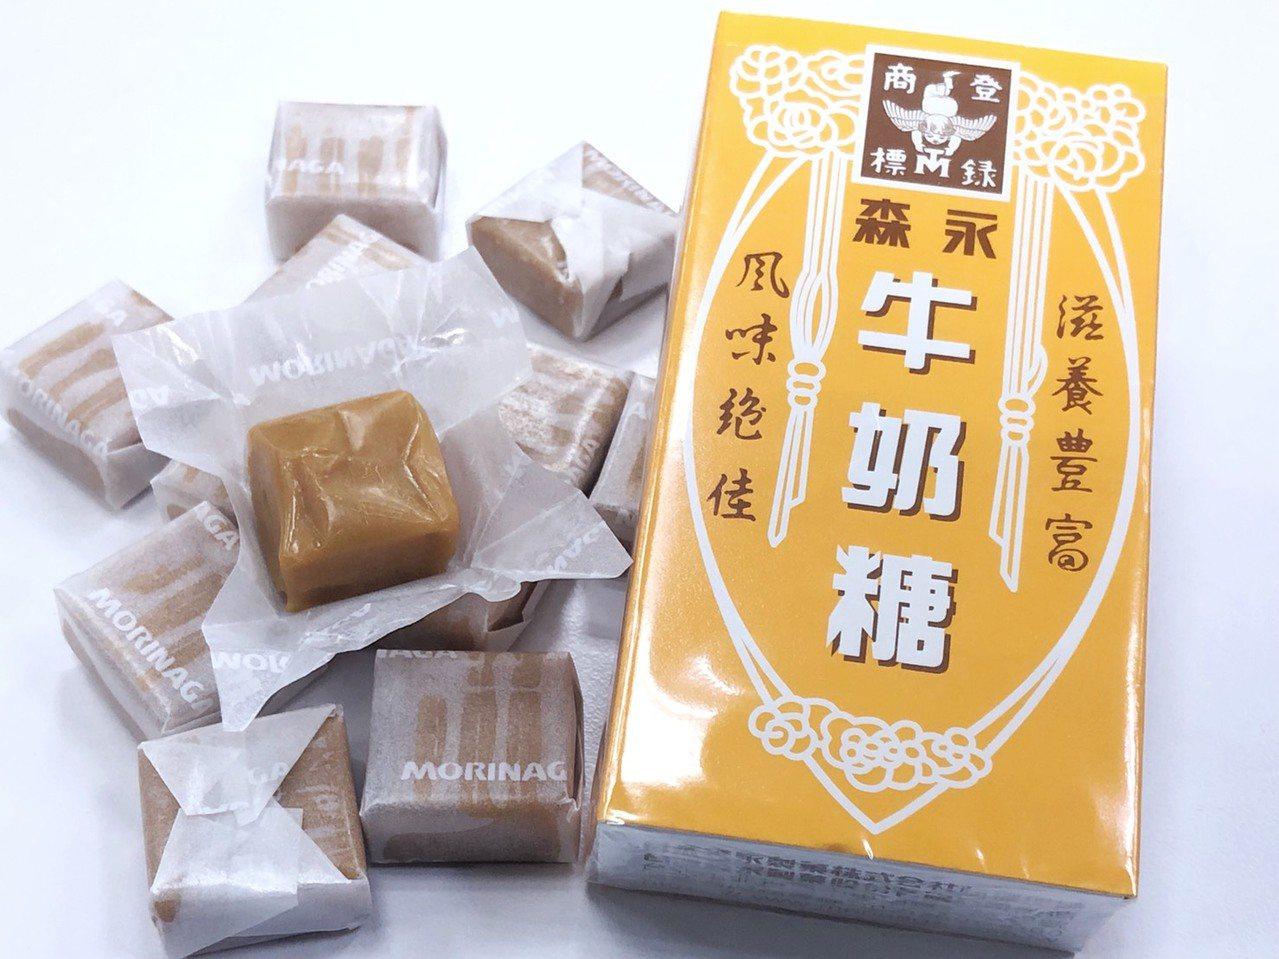 森永牛奶糖確定含奶,台灣森永製菓股份有限公司今出具SGS檢驗報告證實產品檢出乳品...